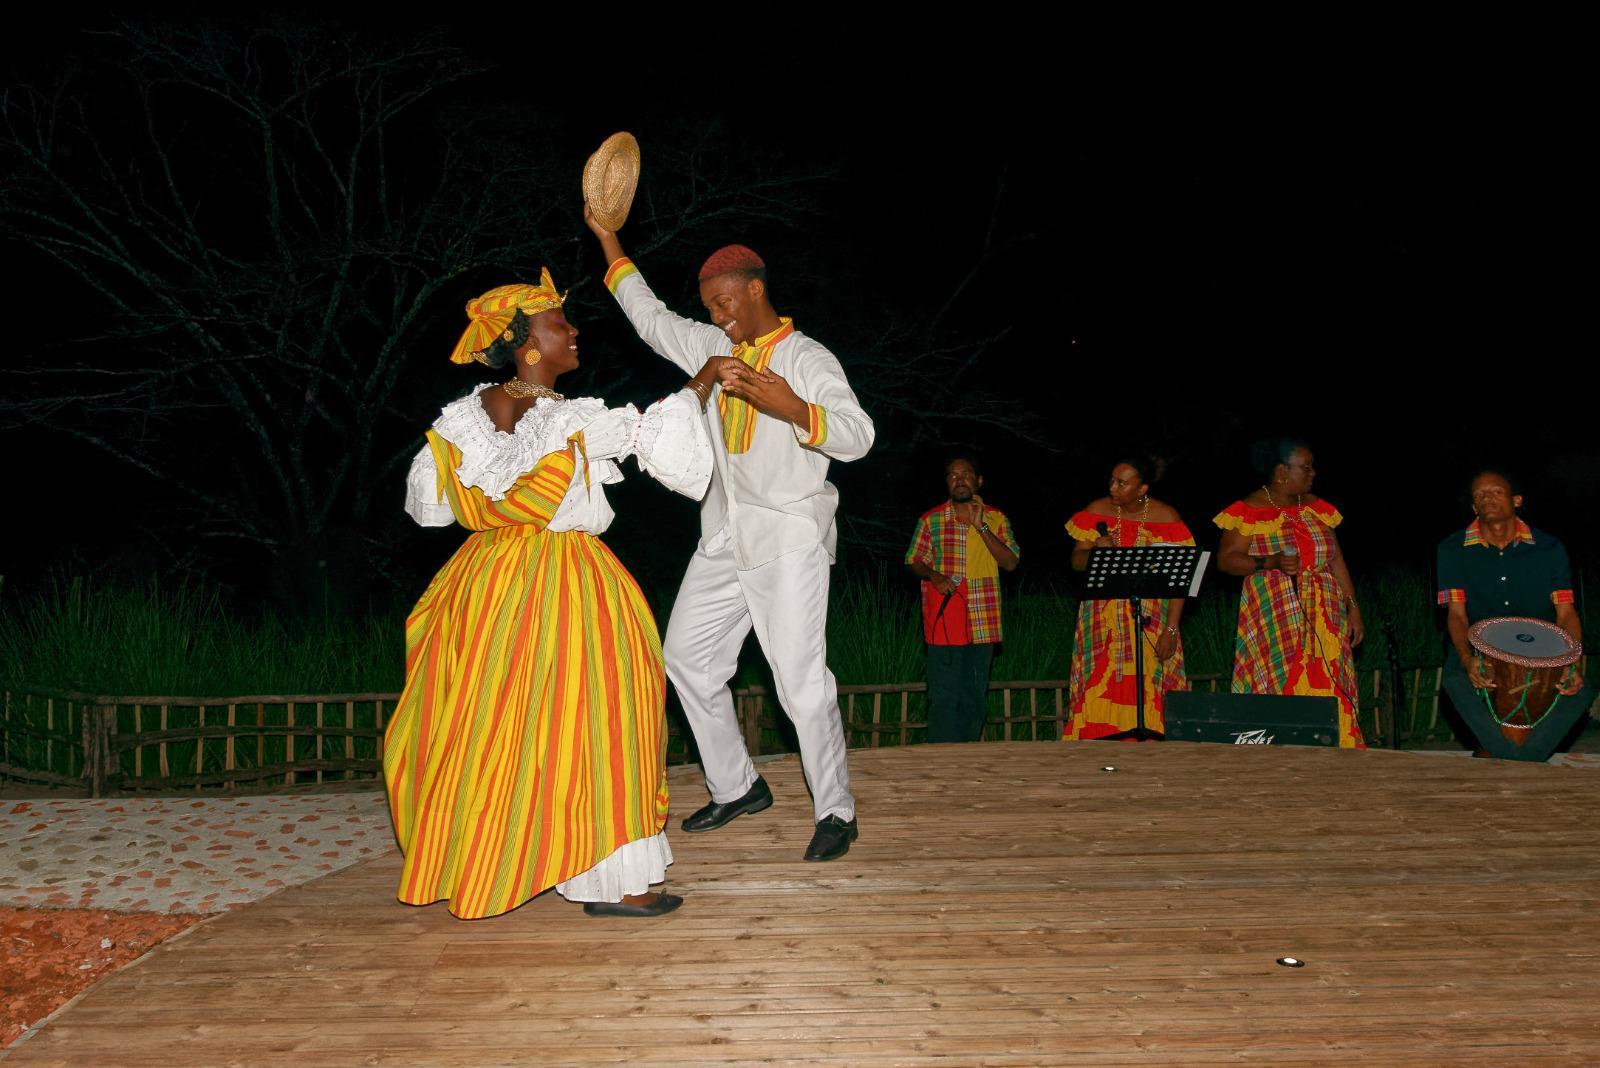 danse traditionnelle couple